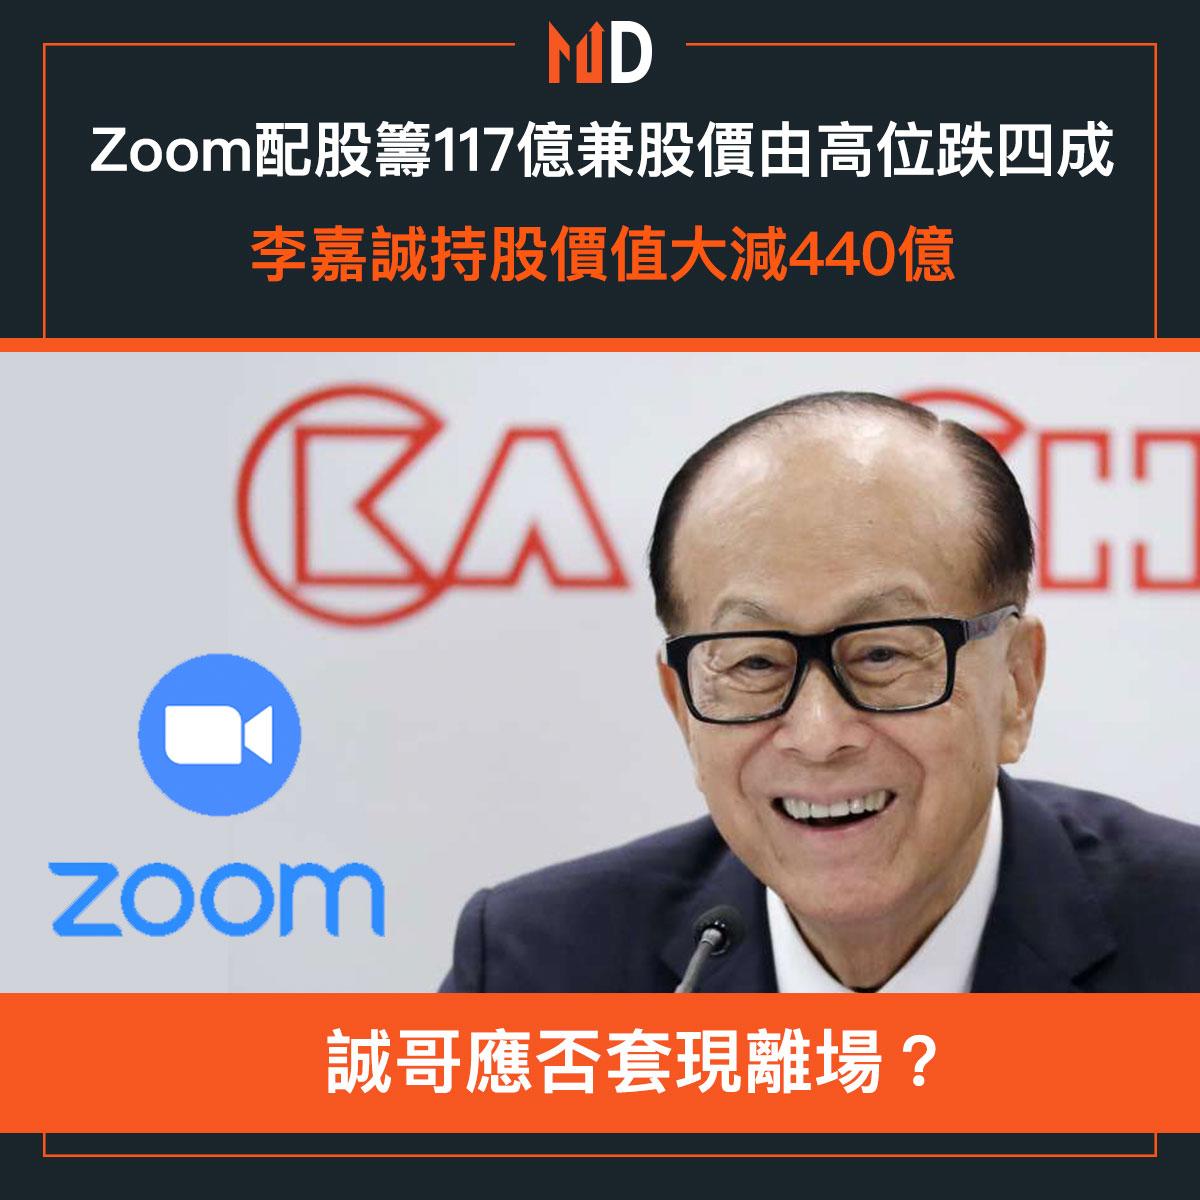 Zoom配股籌117億兼股價由高位跌四成,李嘉誠持股價值大減440億